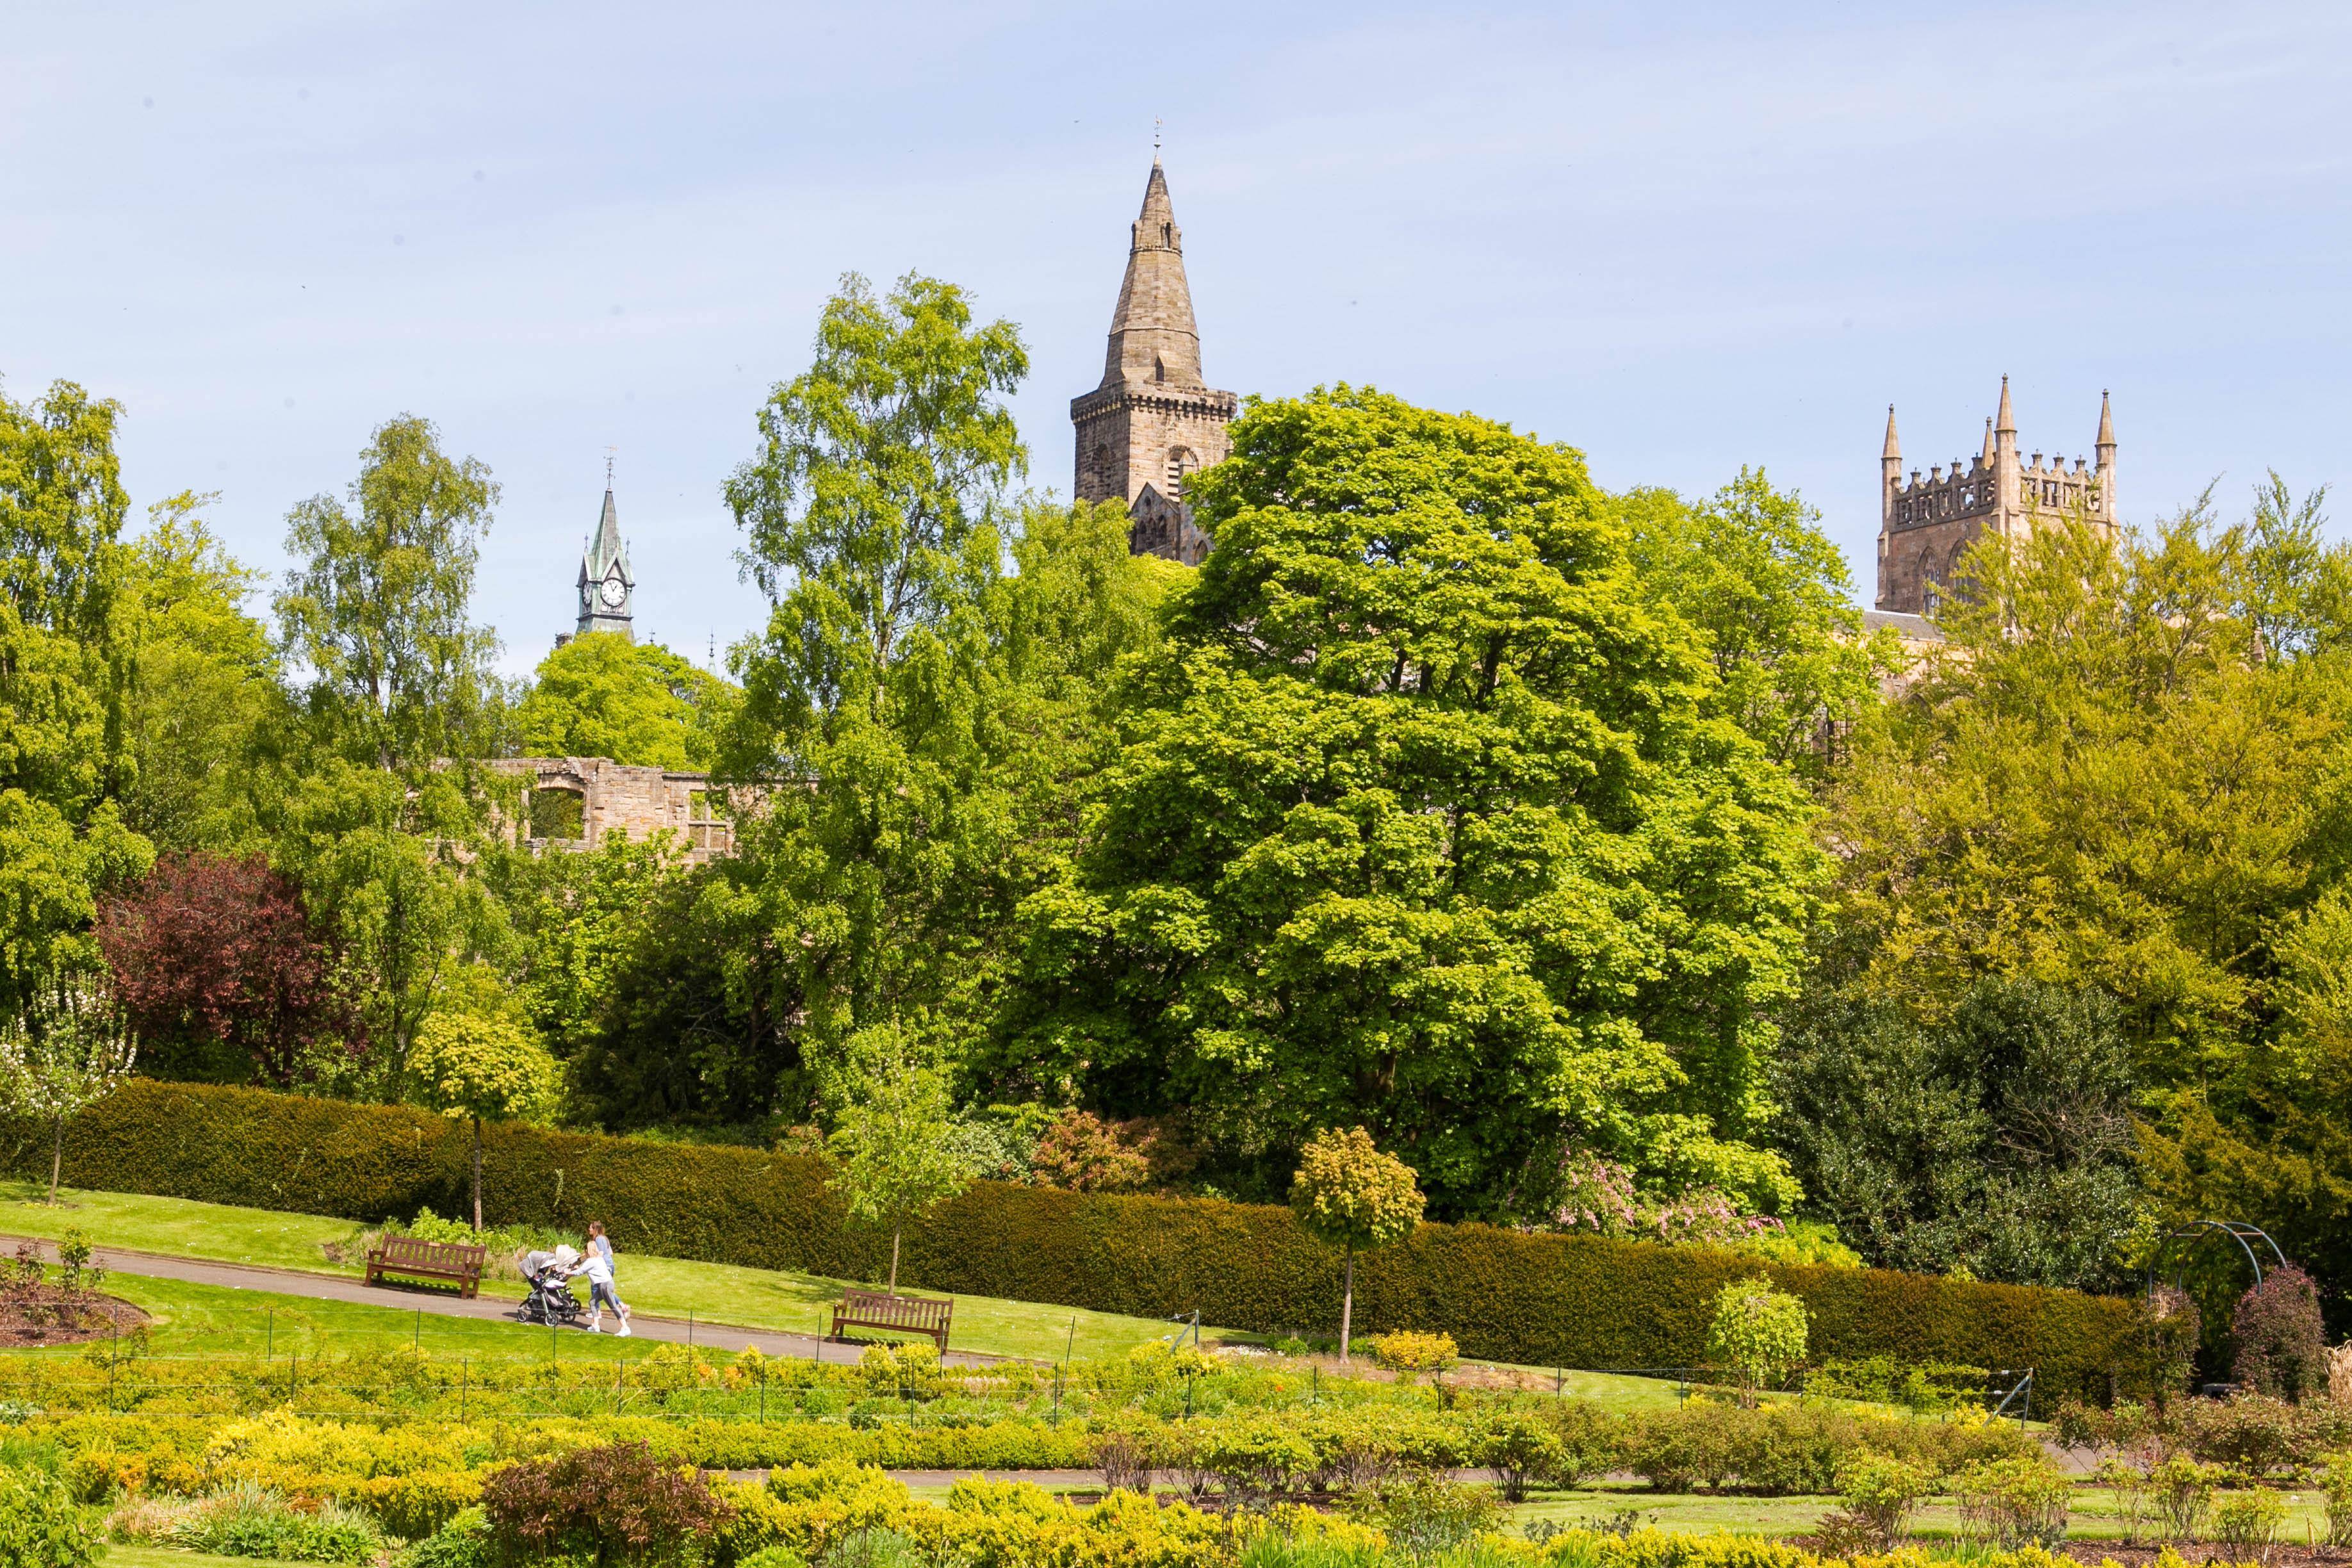 The Glen in Dunfermline was voted Scotland's best park.